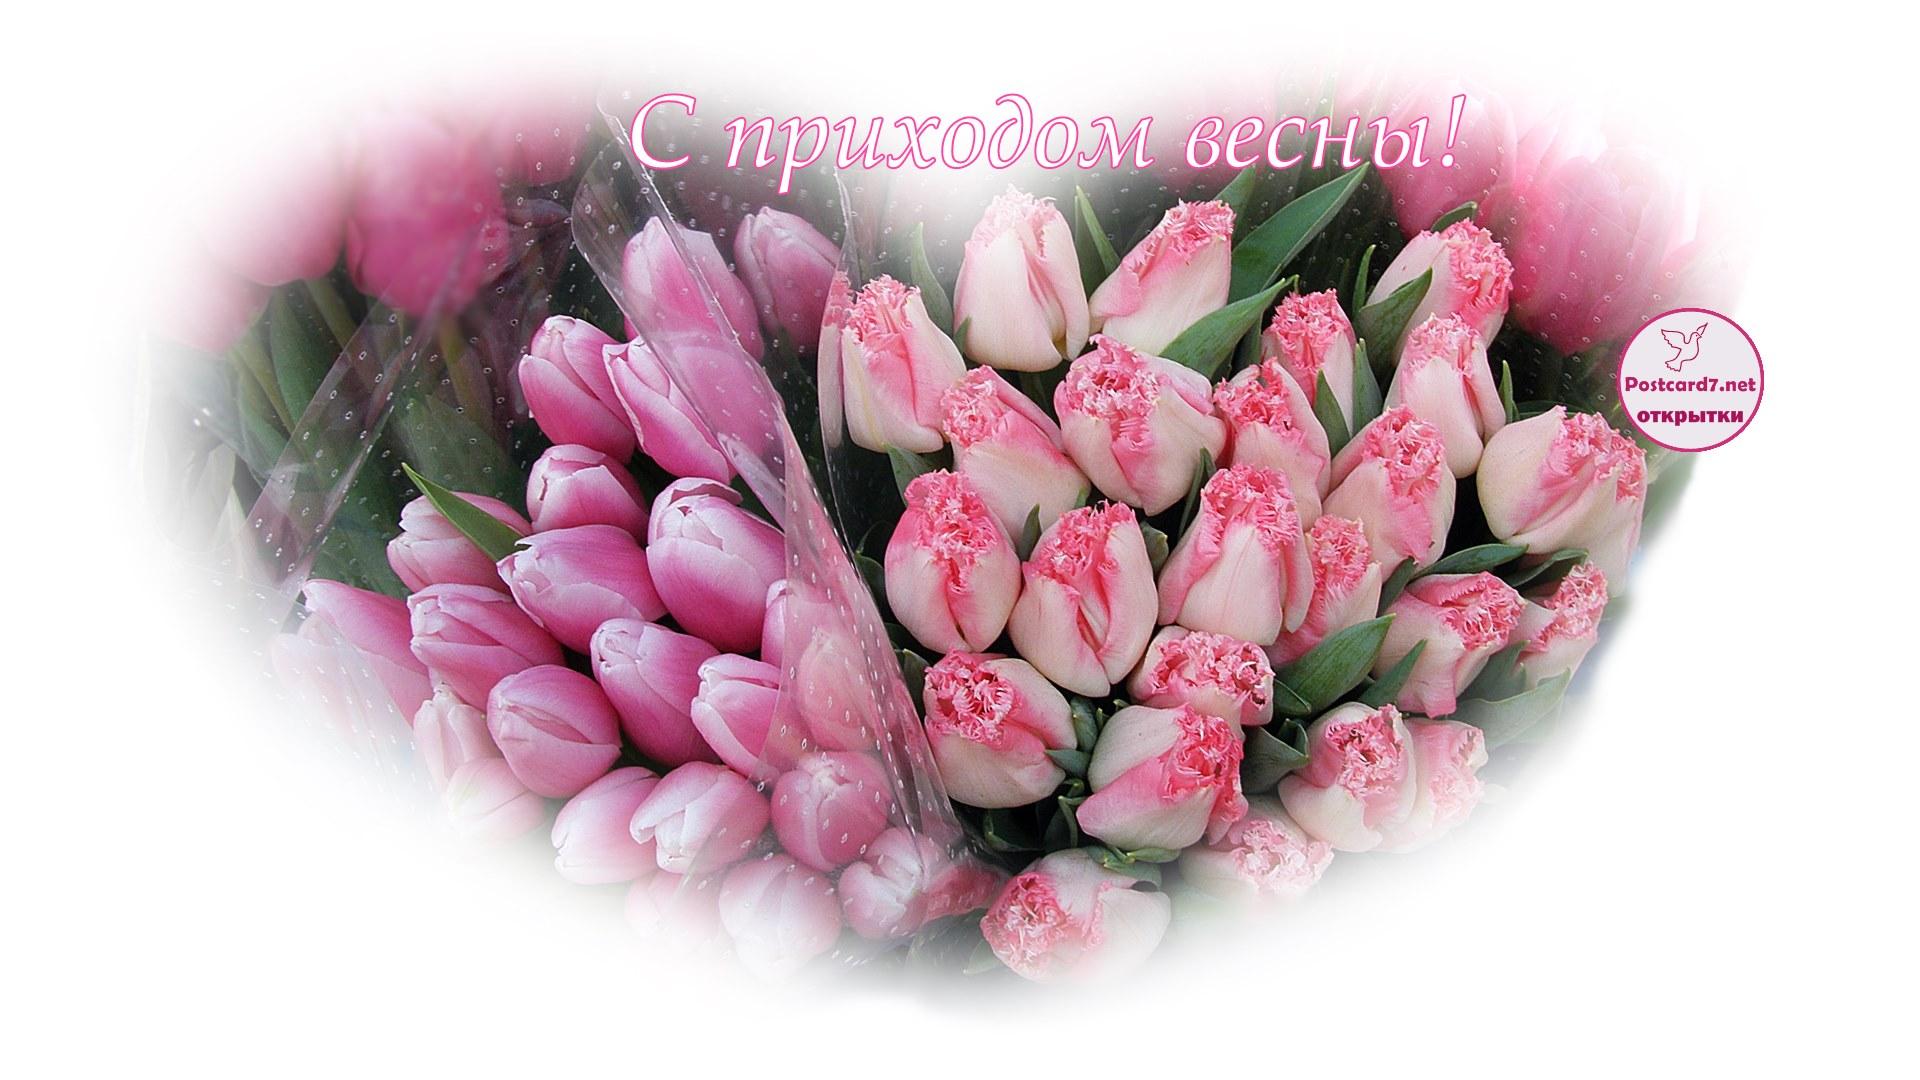 С приходом весны, тюльпаны, открытка